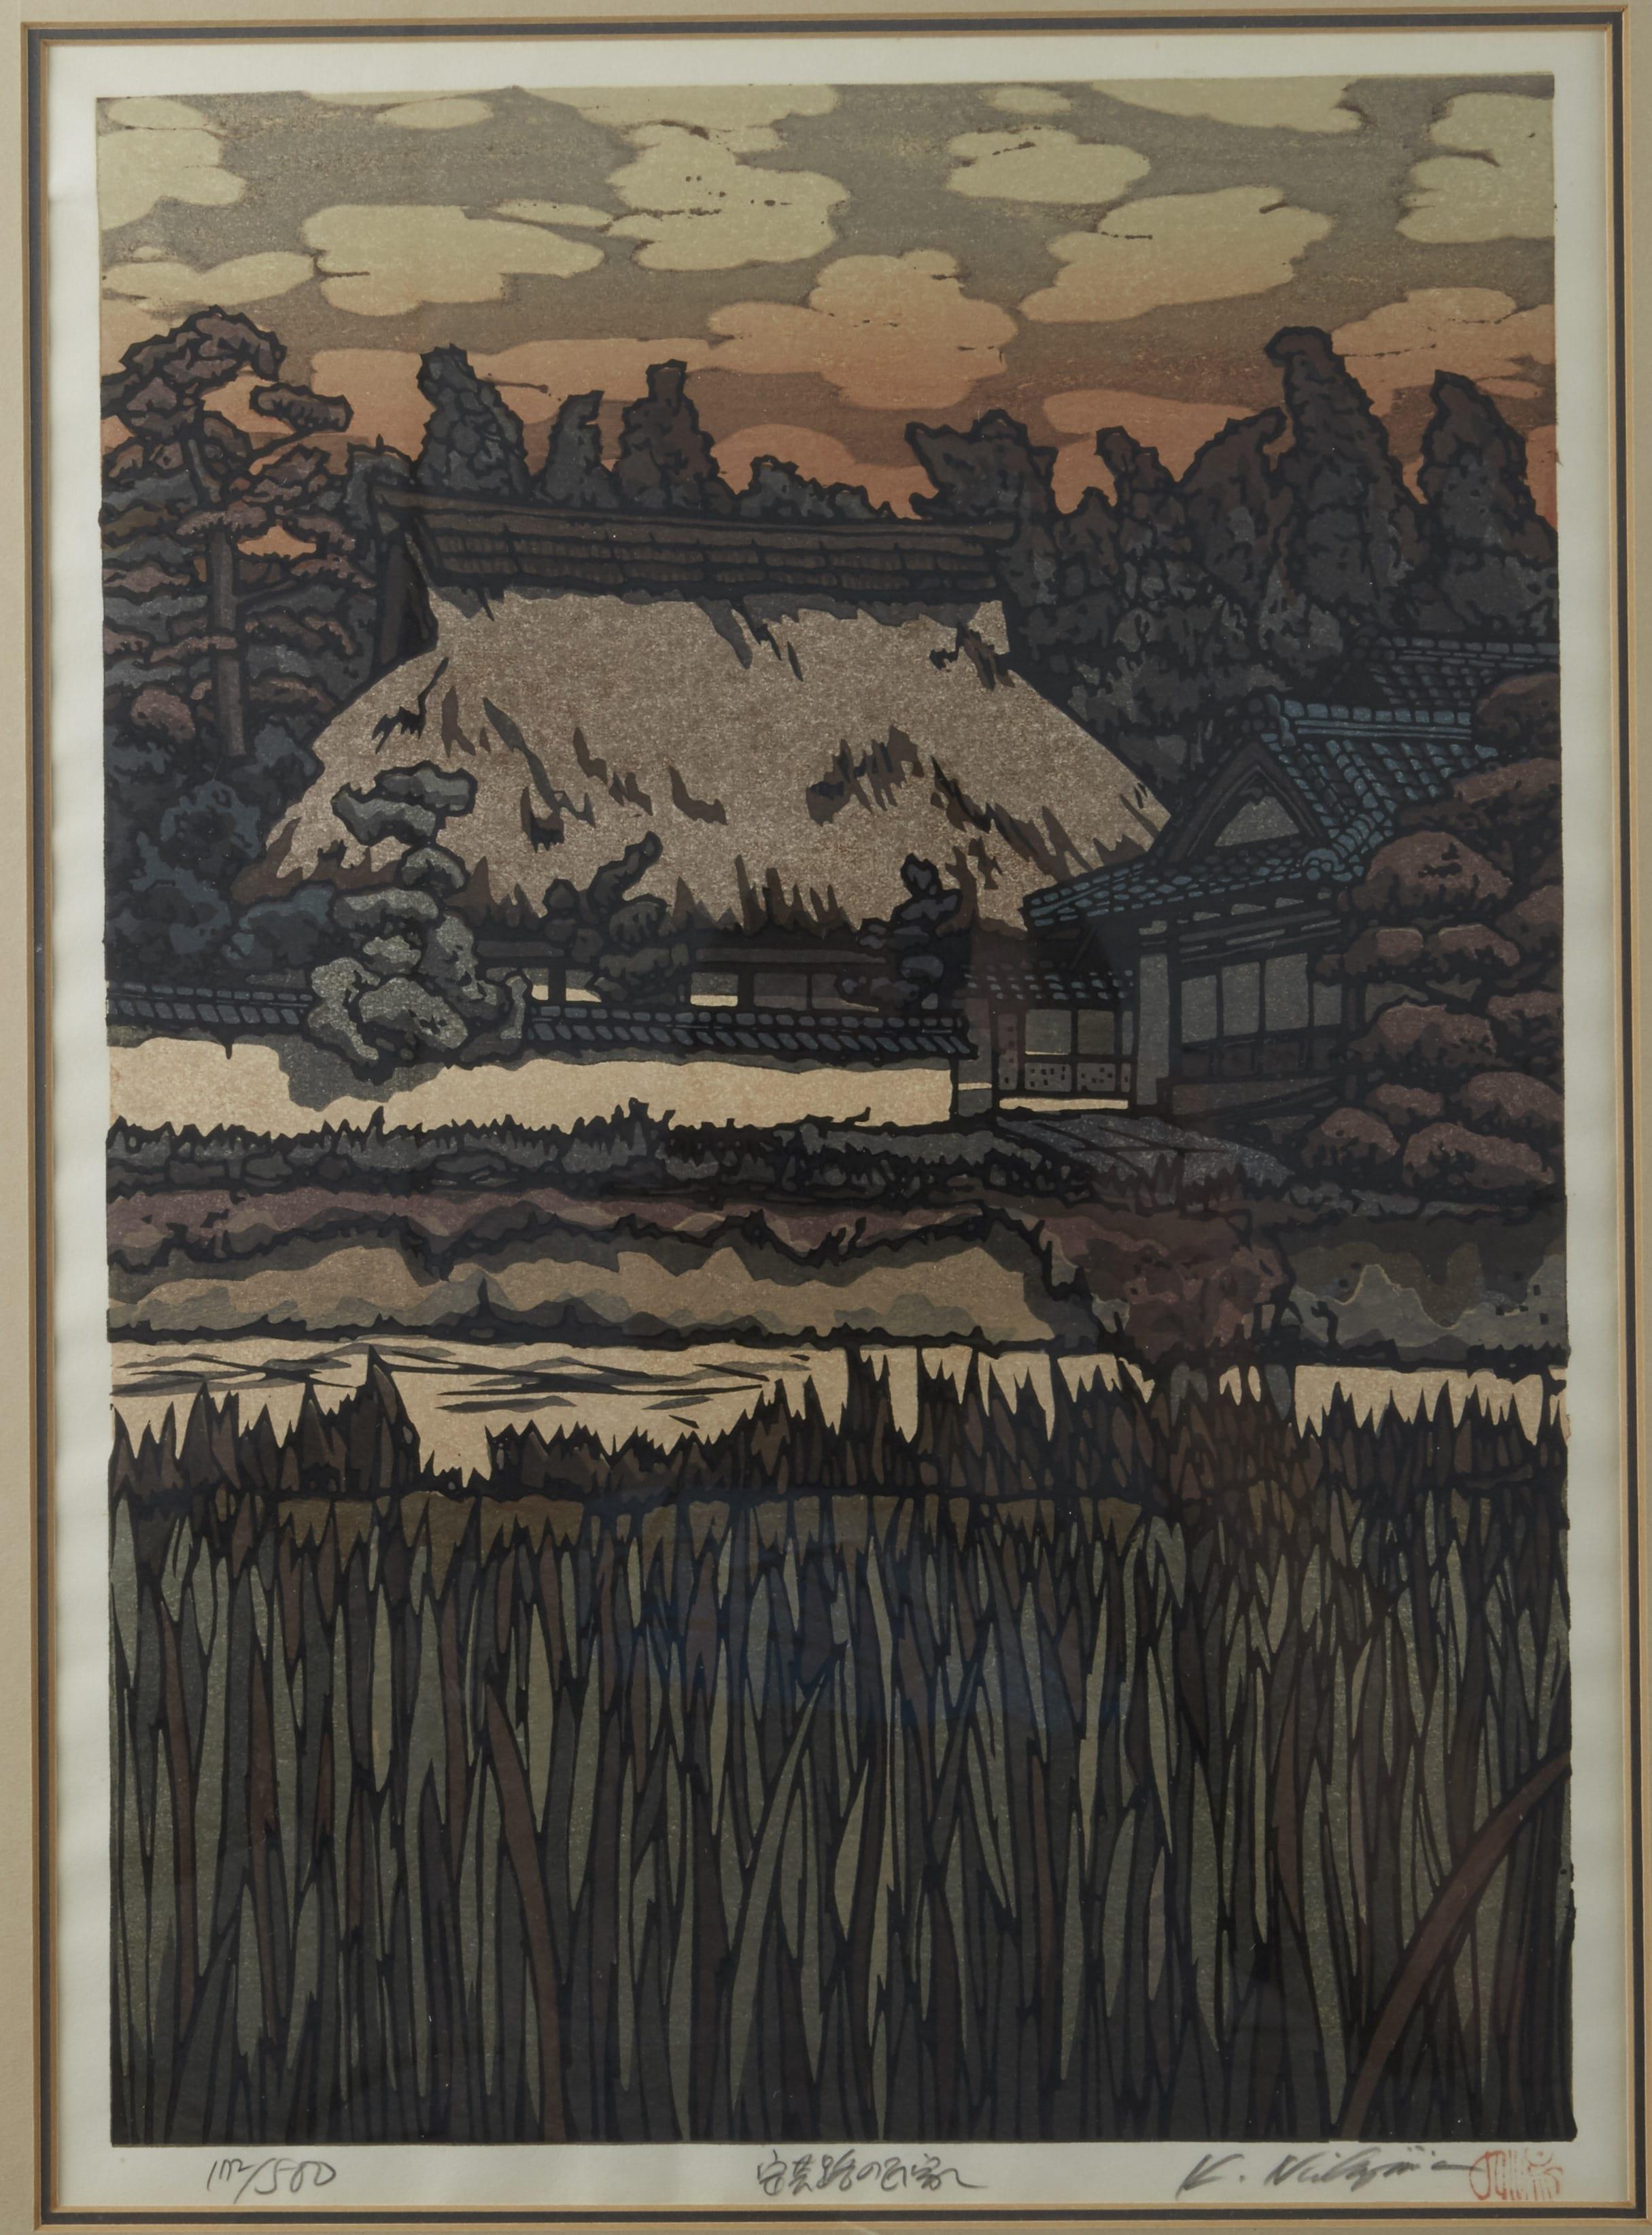 Lot 253: Katsuyuki Nishijima (Japanese b. 1945) colored woodblock print